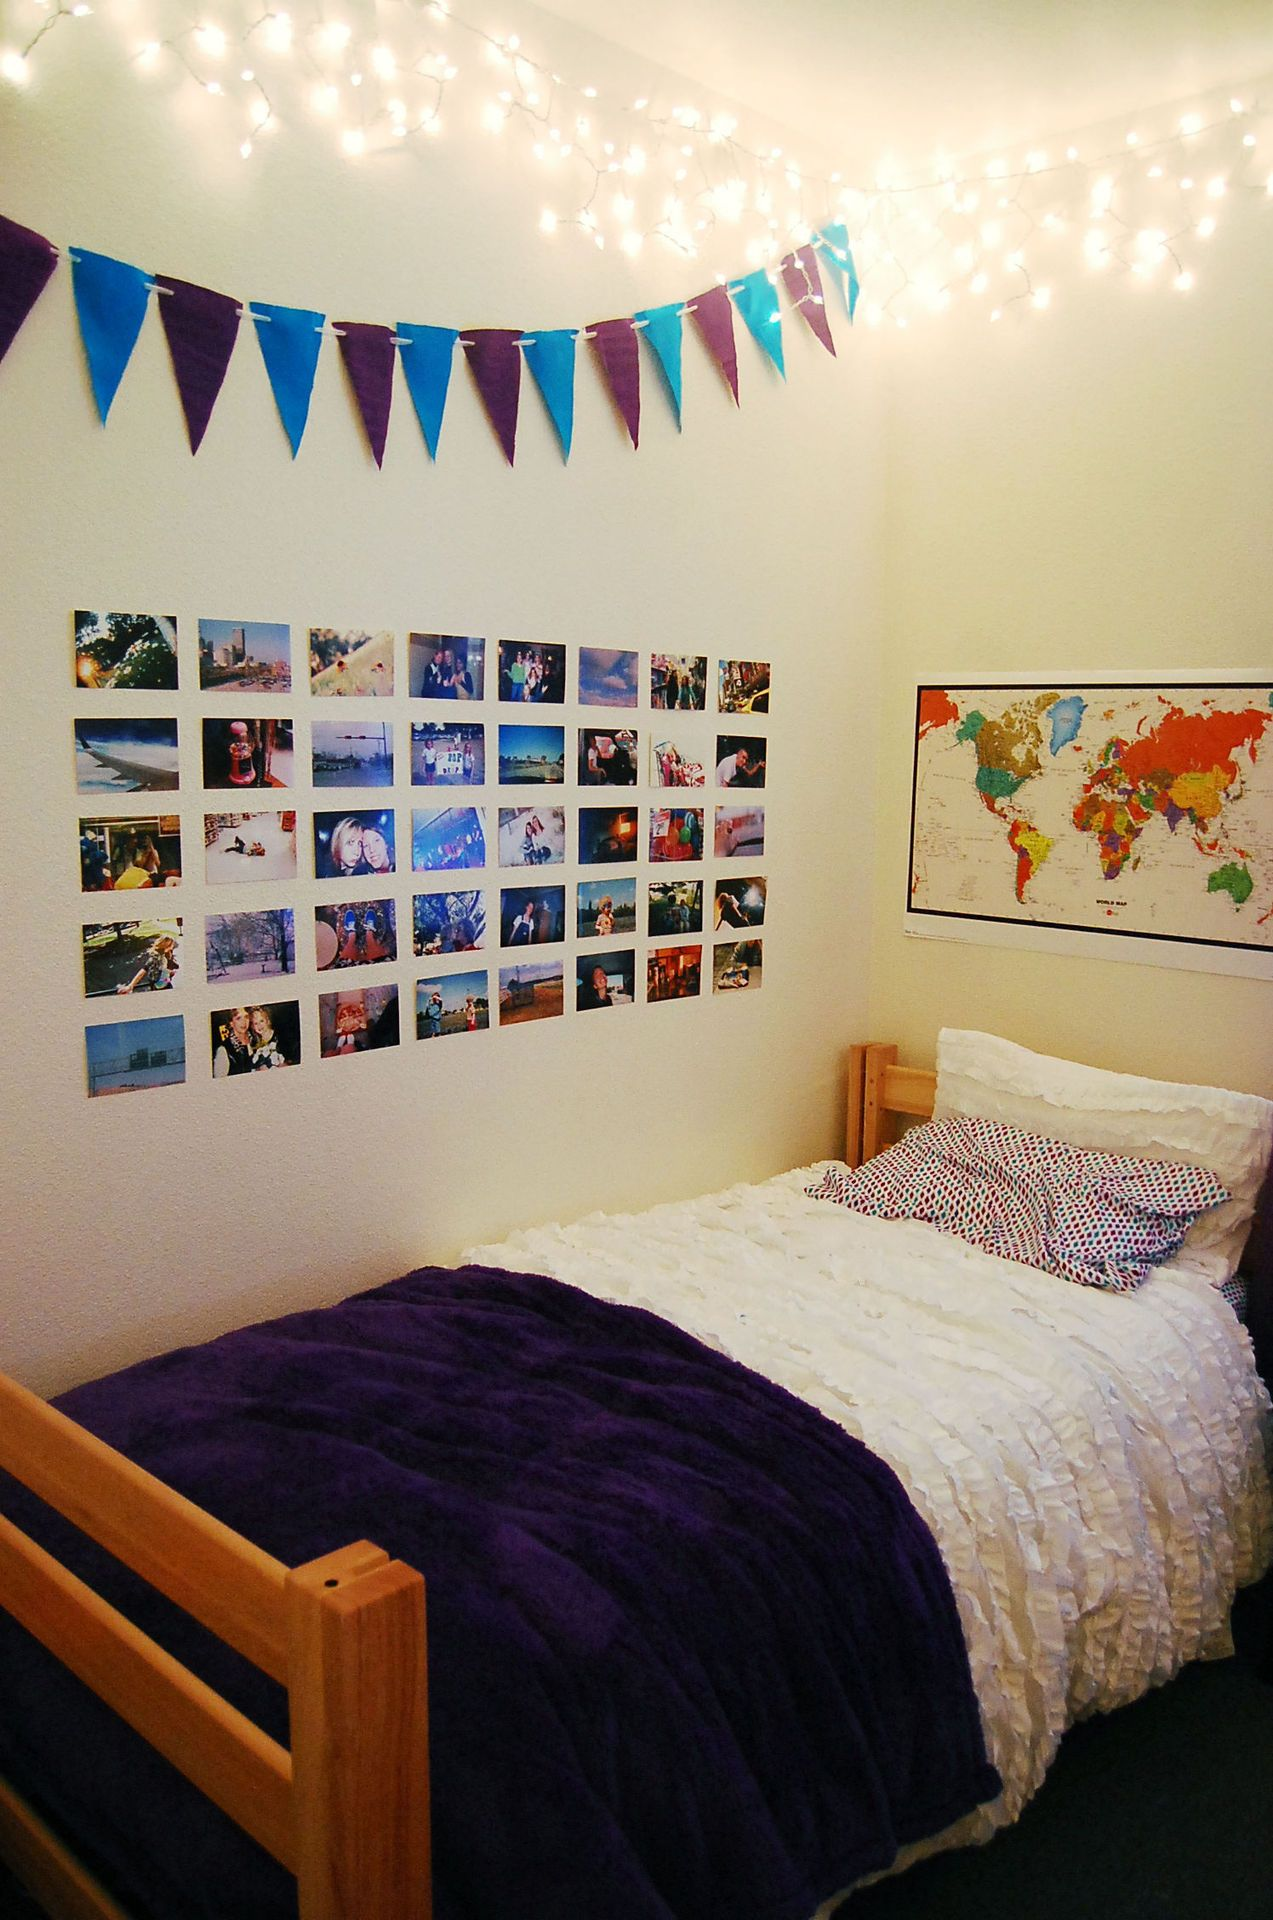 dorm room   tumblr   college ideas   pinterest   dorm rooms, dorm